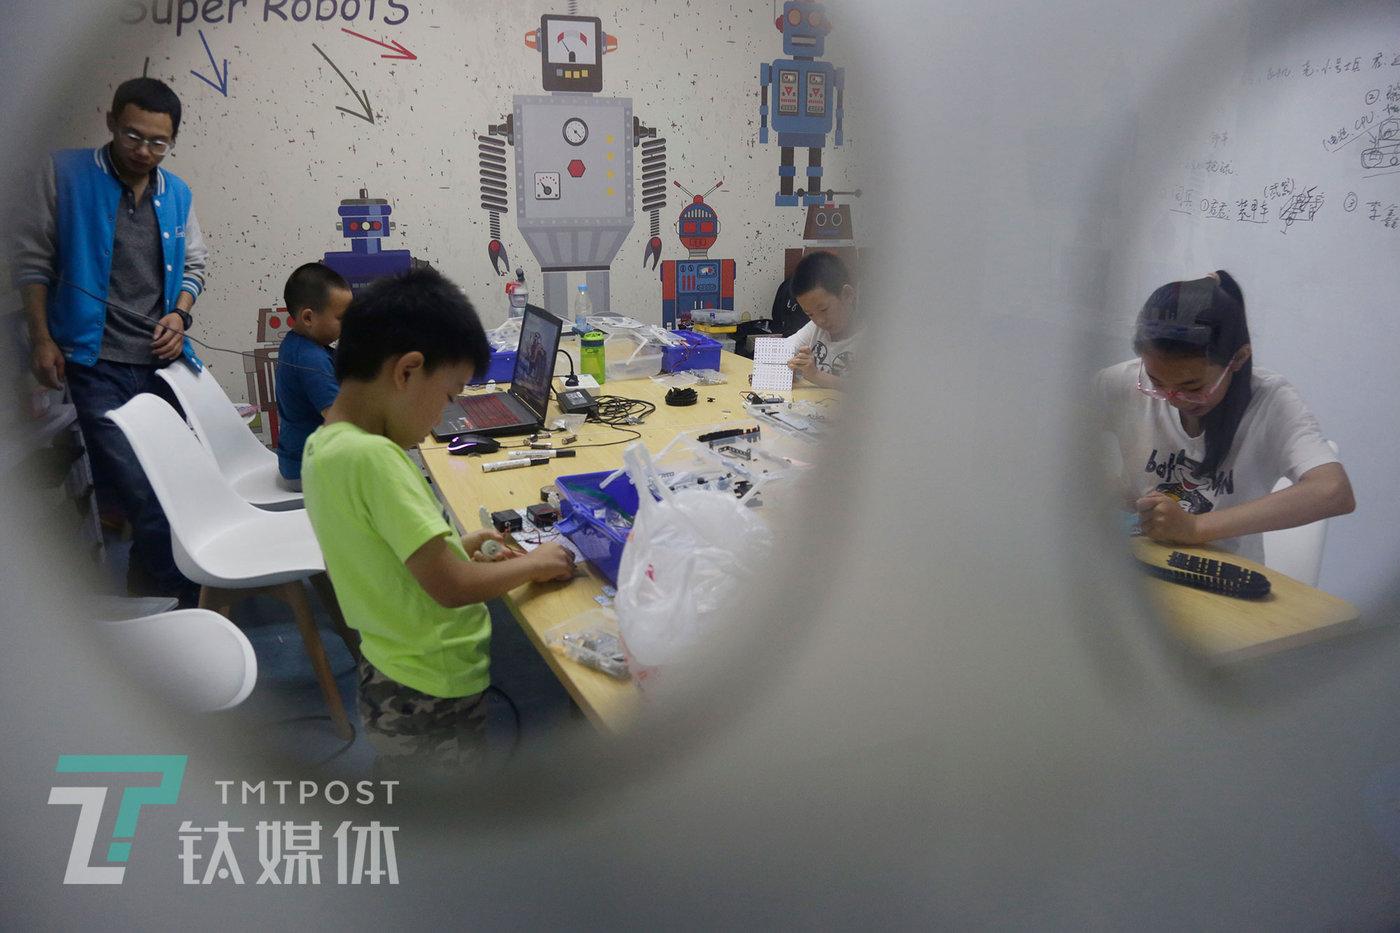 8月9日,北京瓦力工厂少儿编程培训班,几名孩子在学习单片机编程。